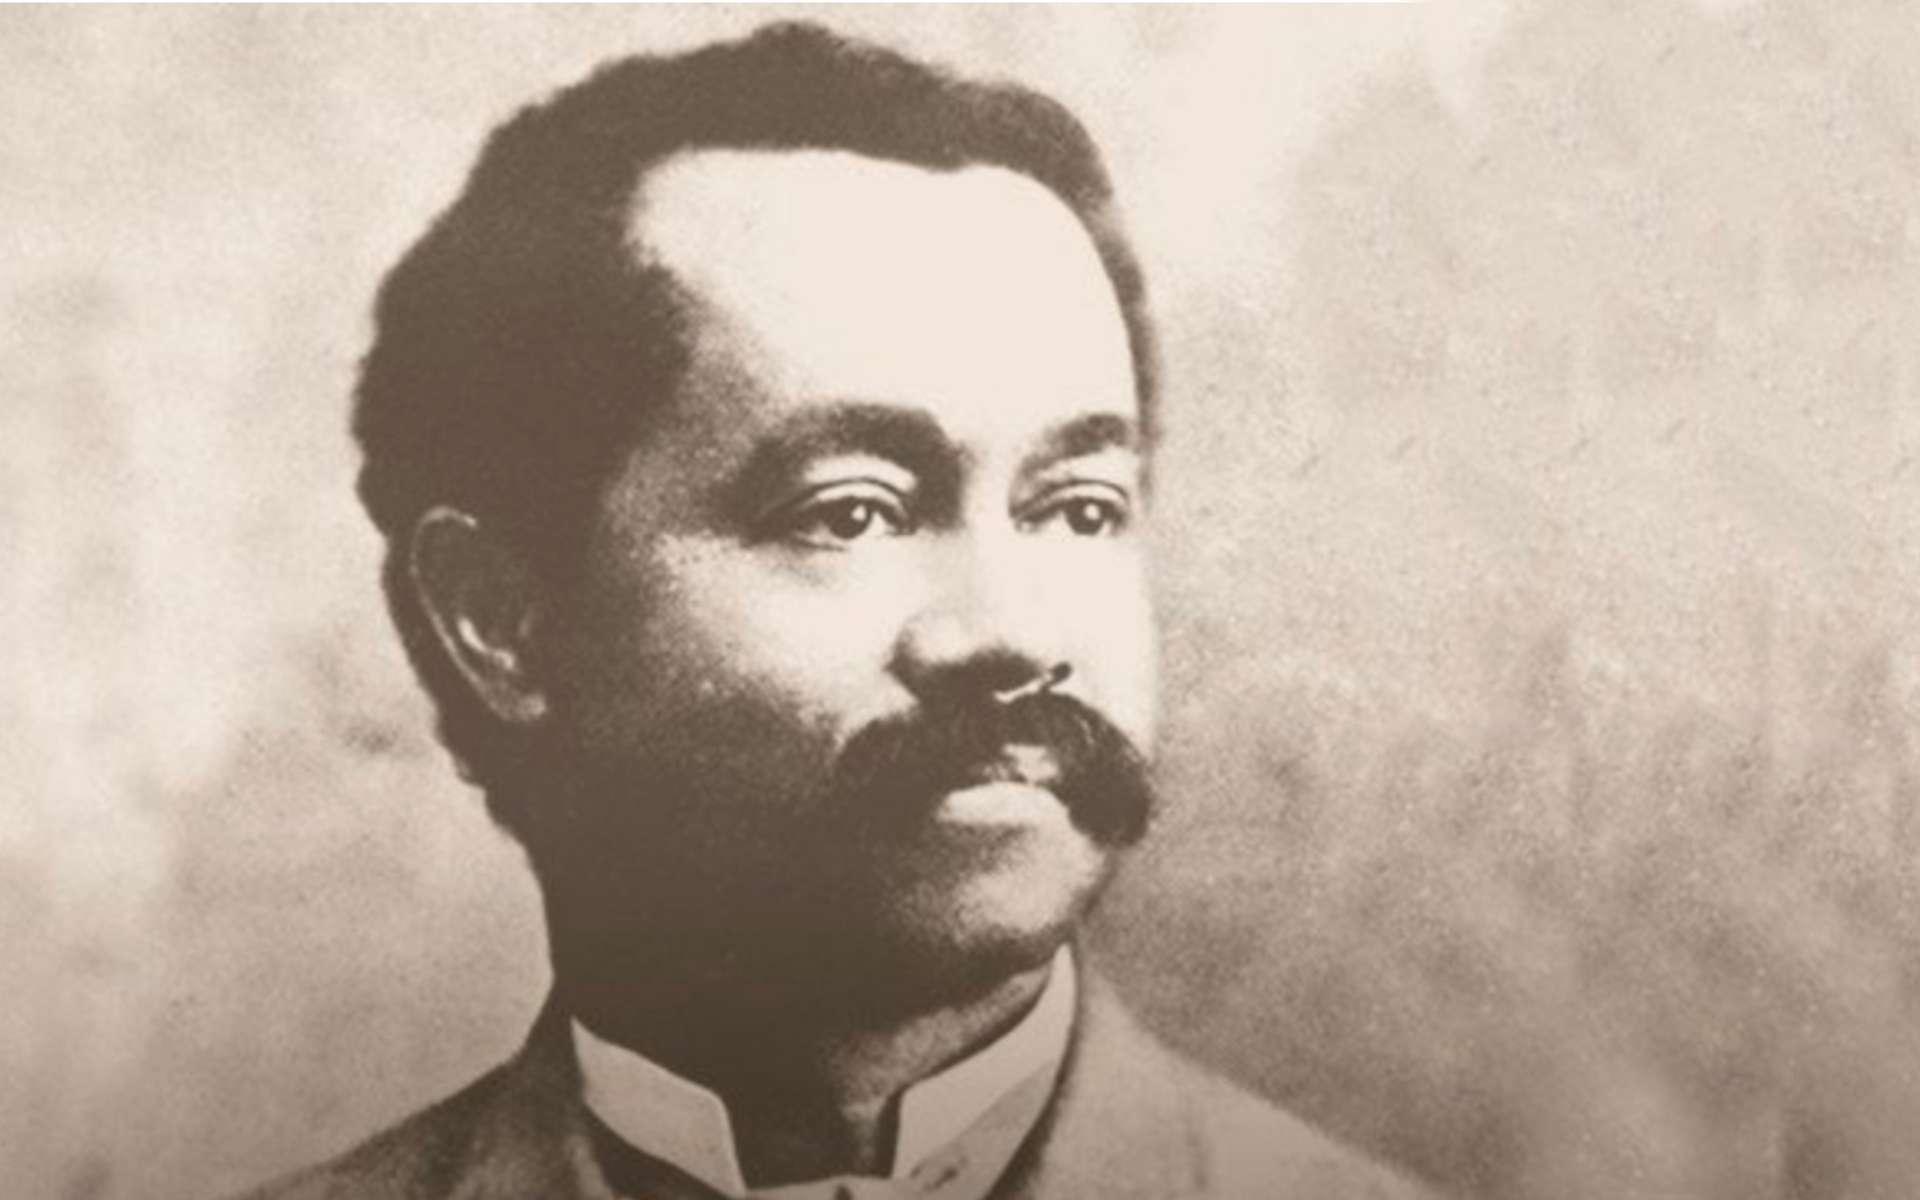 Charles Henry Turner, l'un des grands scientifiques oubliés de l'Histoire. © UPRM